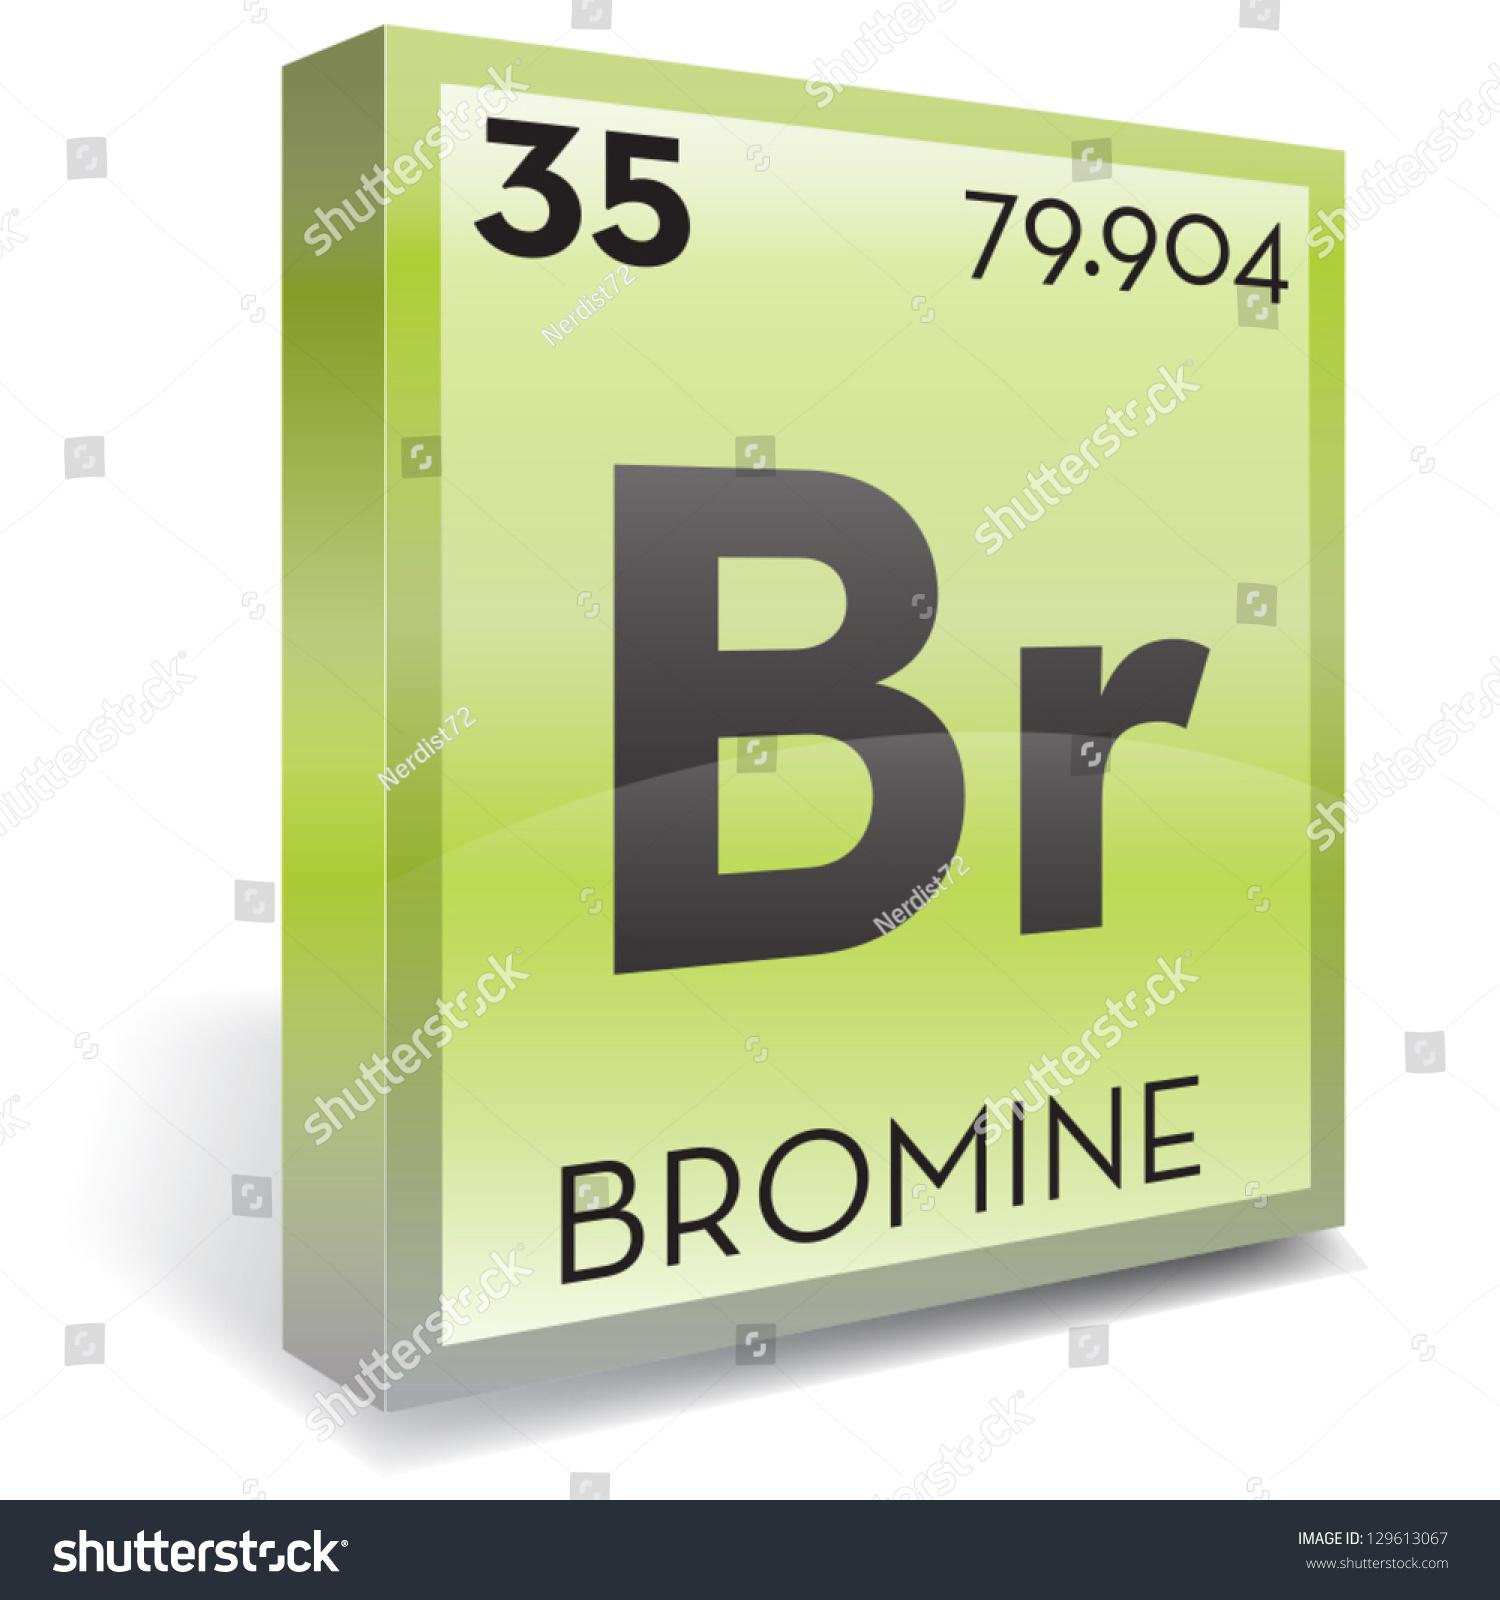 Bromine element stock vector 129613067 shutterstock bromine element biocorpaavc